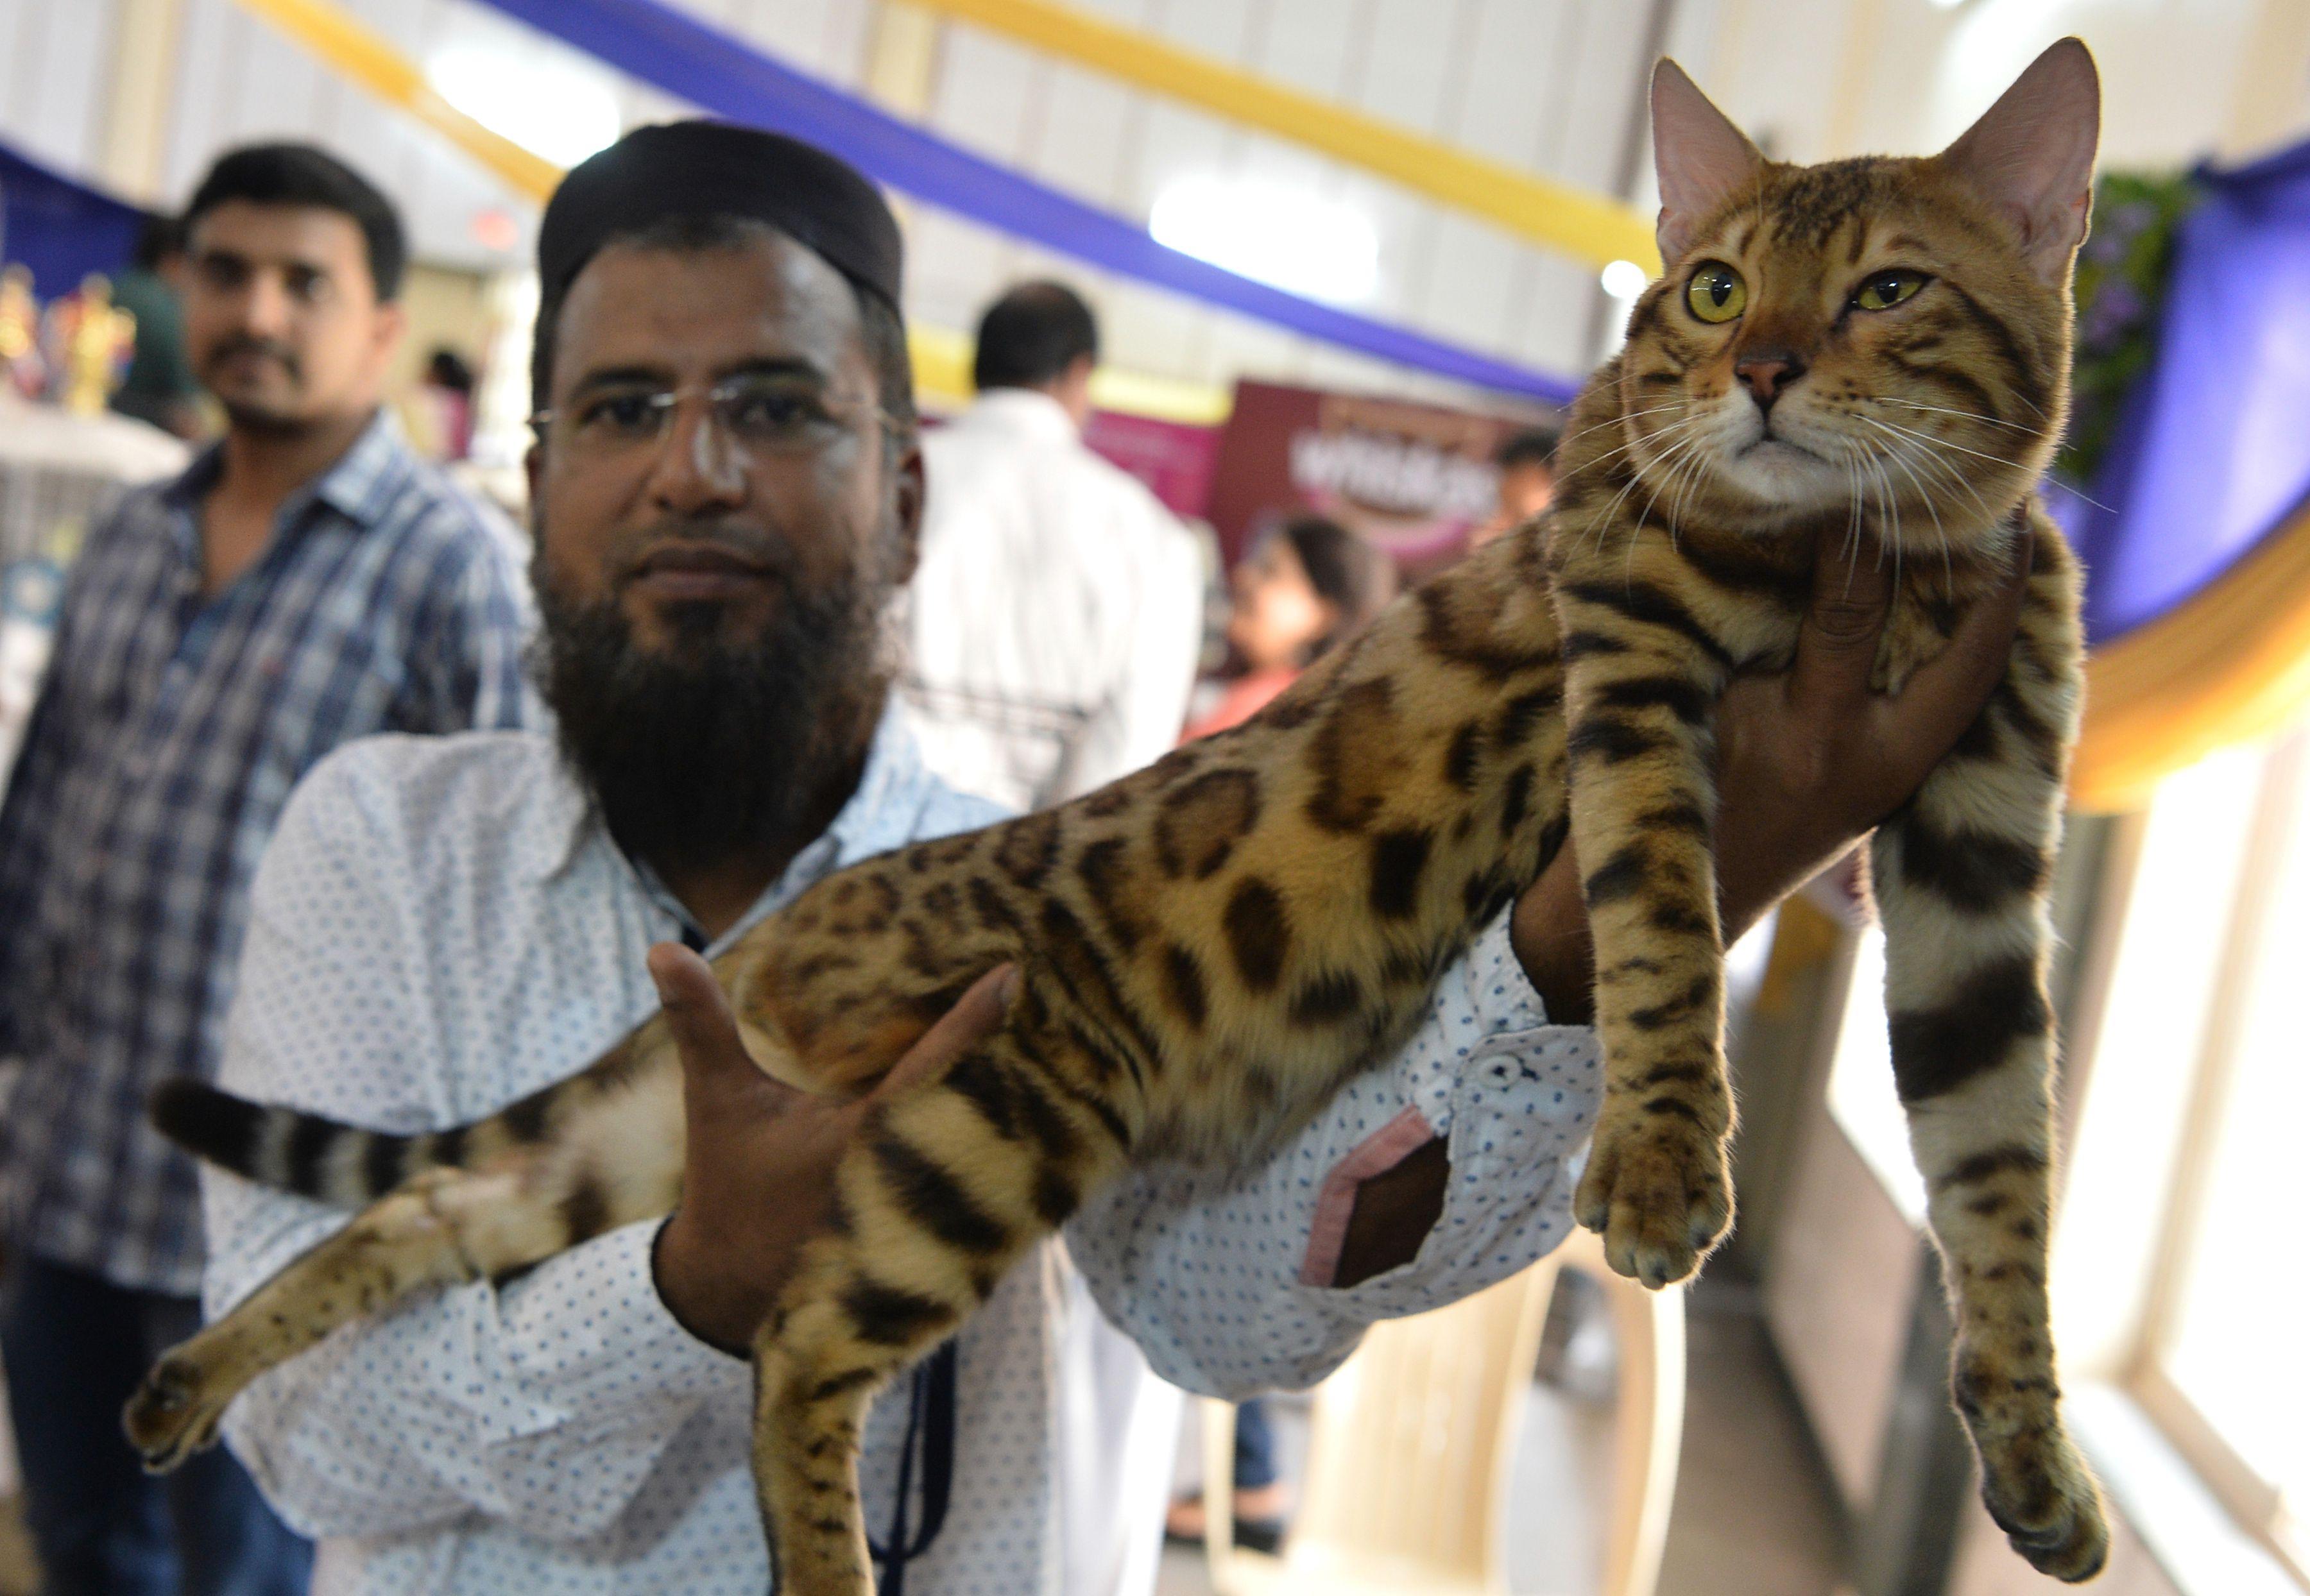 رجل يحمل قطته البنغالية خلال المعرض الدولى بالهند